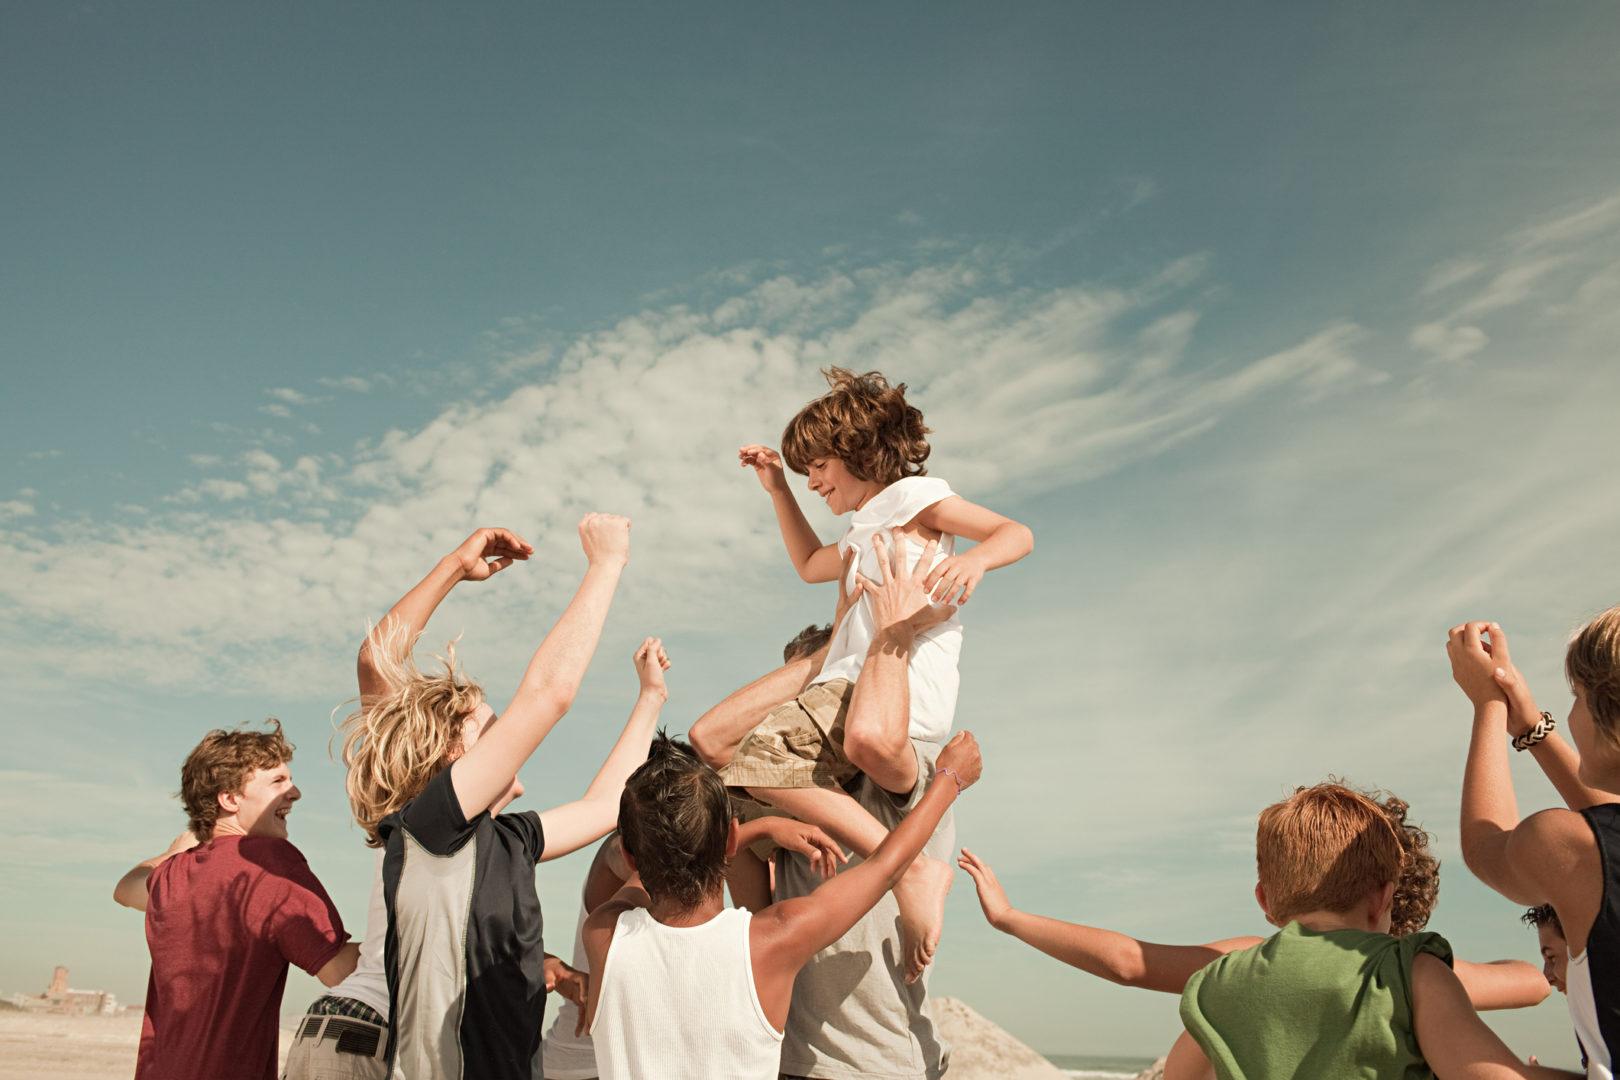 15 team-building activities for kids